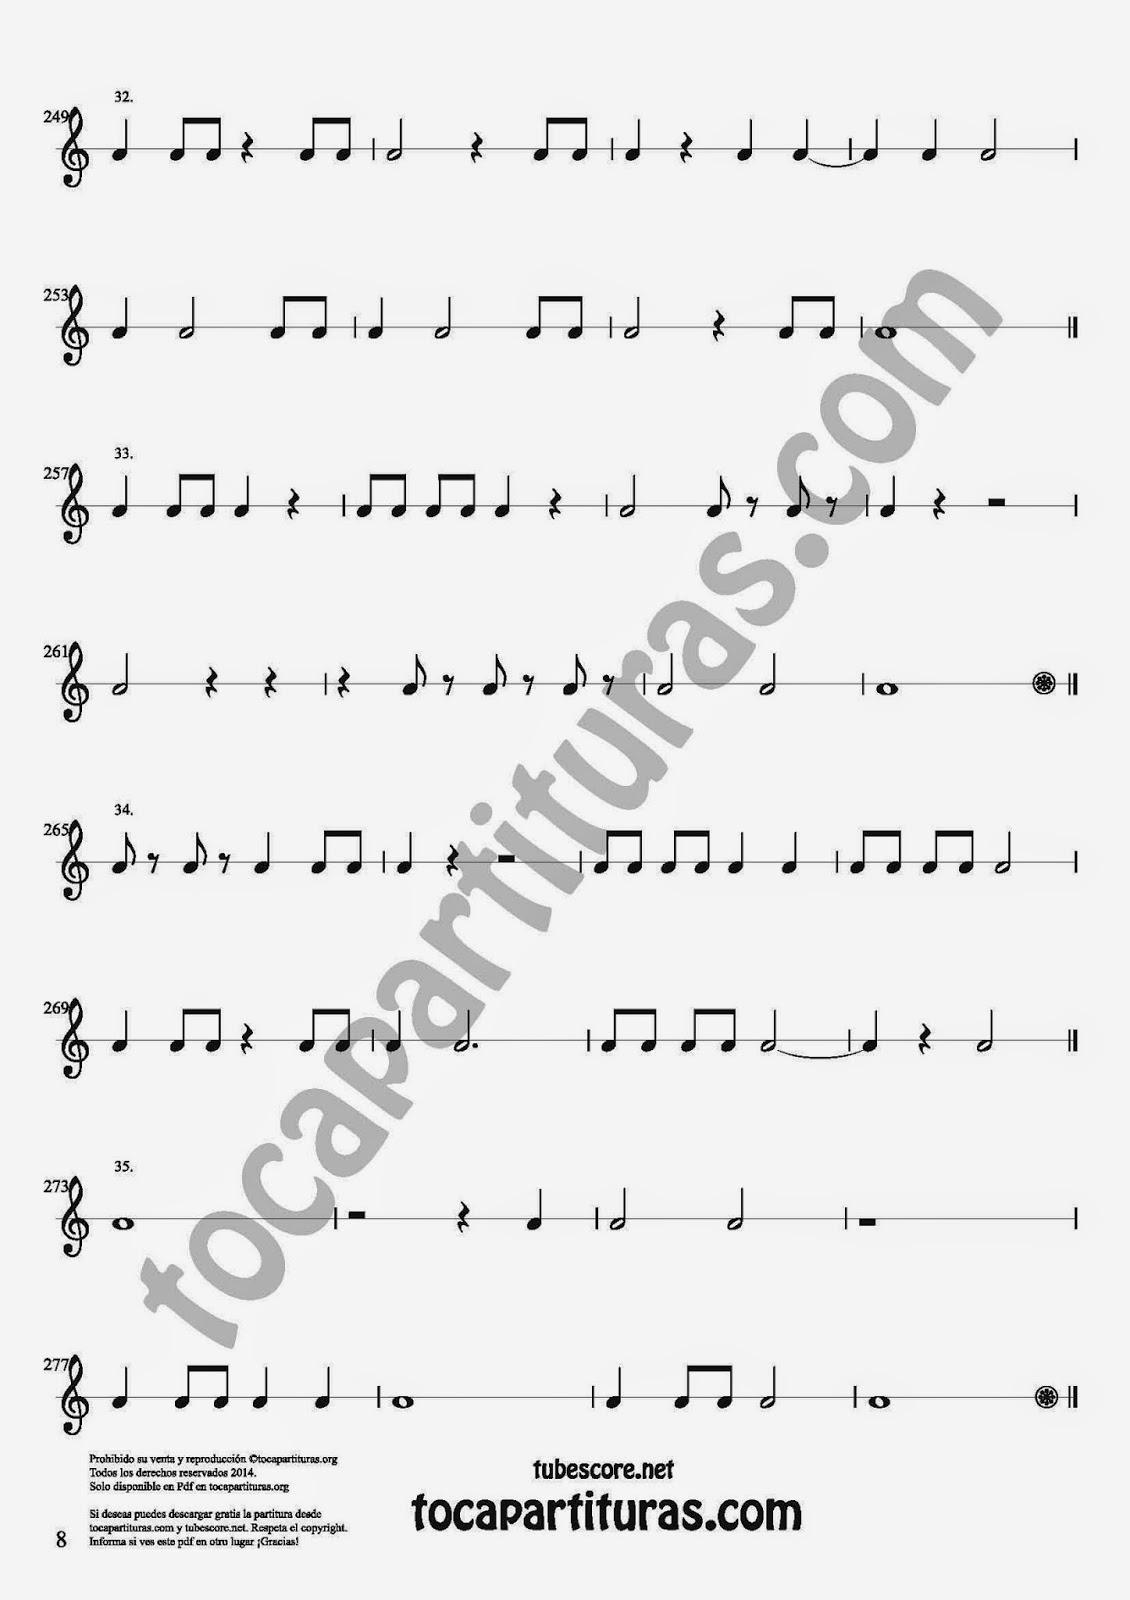 8 Parte 35 Ejercicios Rítmicos para Aprender Solfeo Negras, corcheas, blancas y sus Silencios Compás 4x4 cuatro tiempos Sheet Music for quarter notes, half notes, 1/8 notes and silences